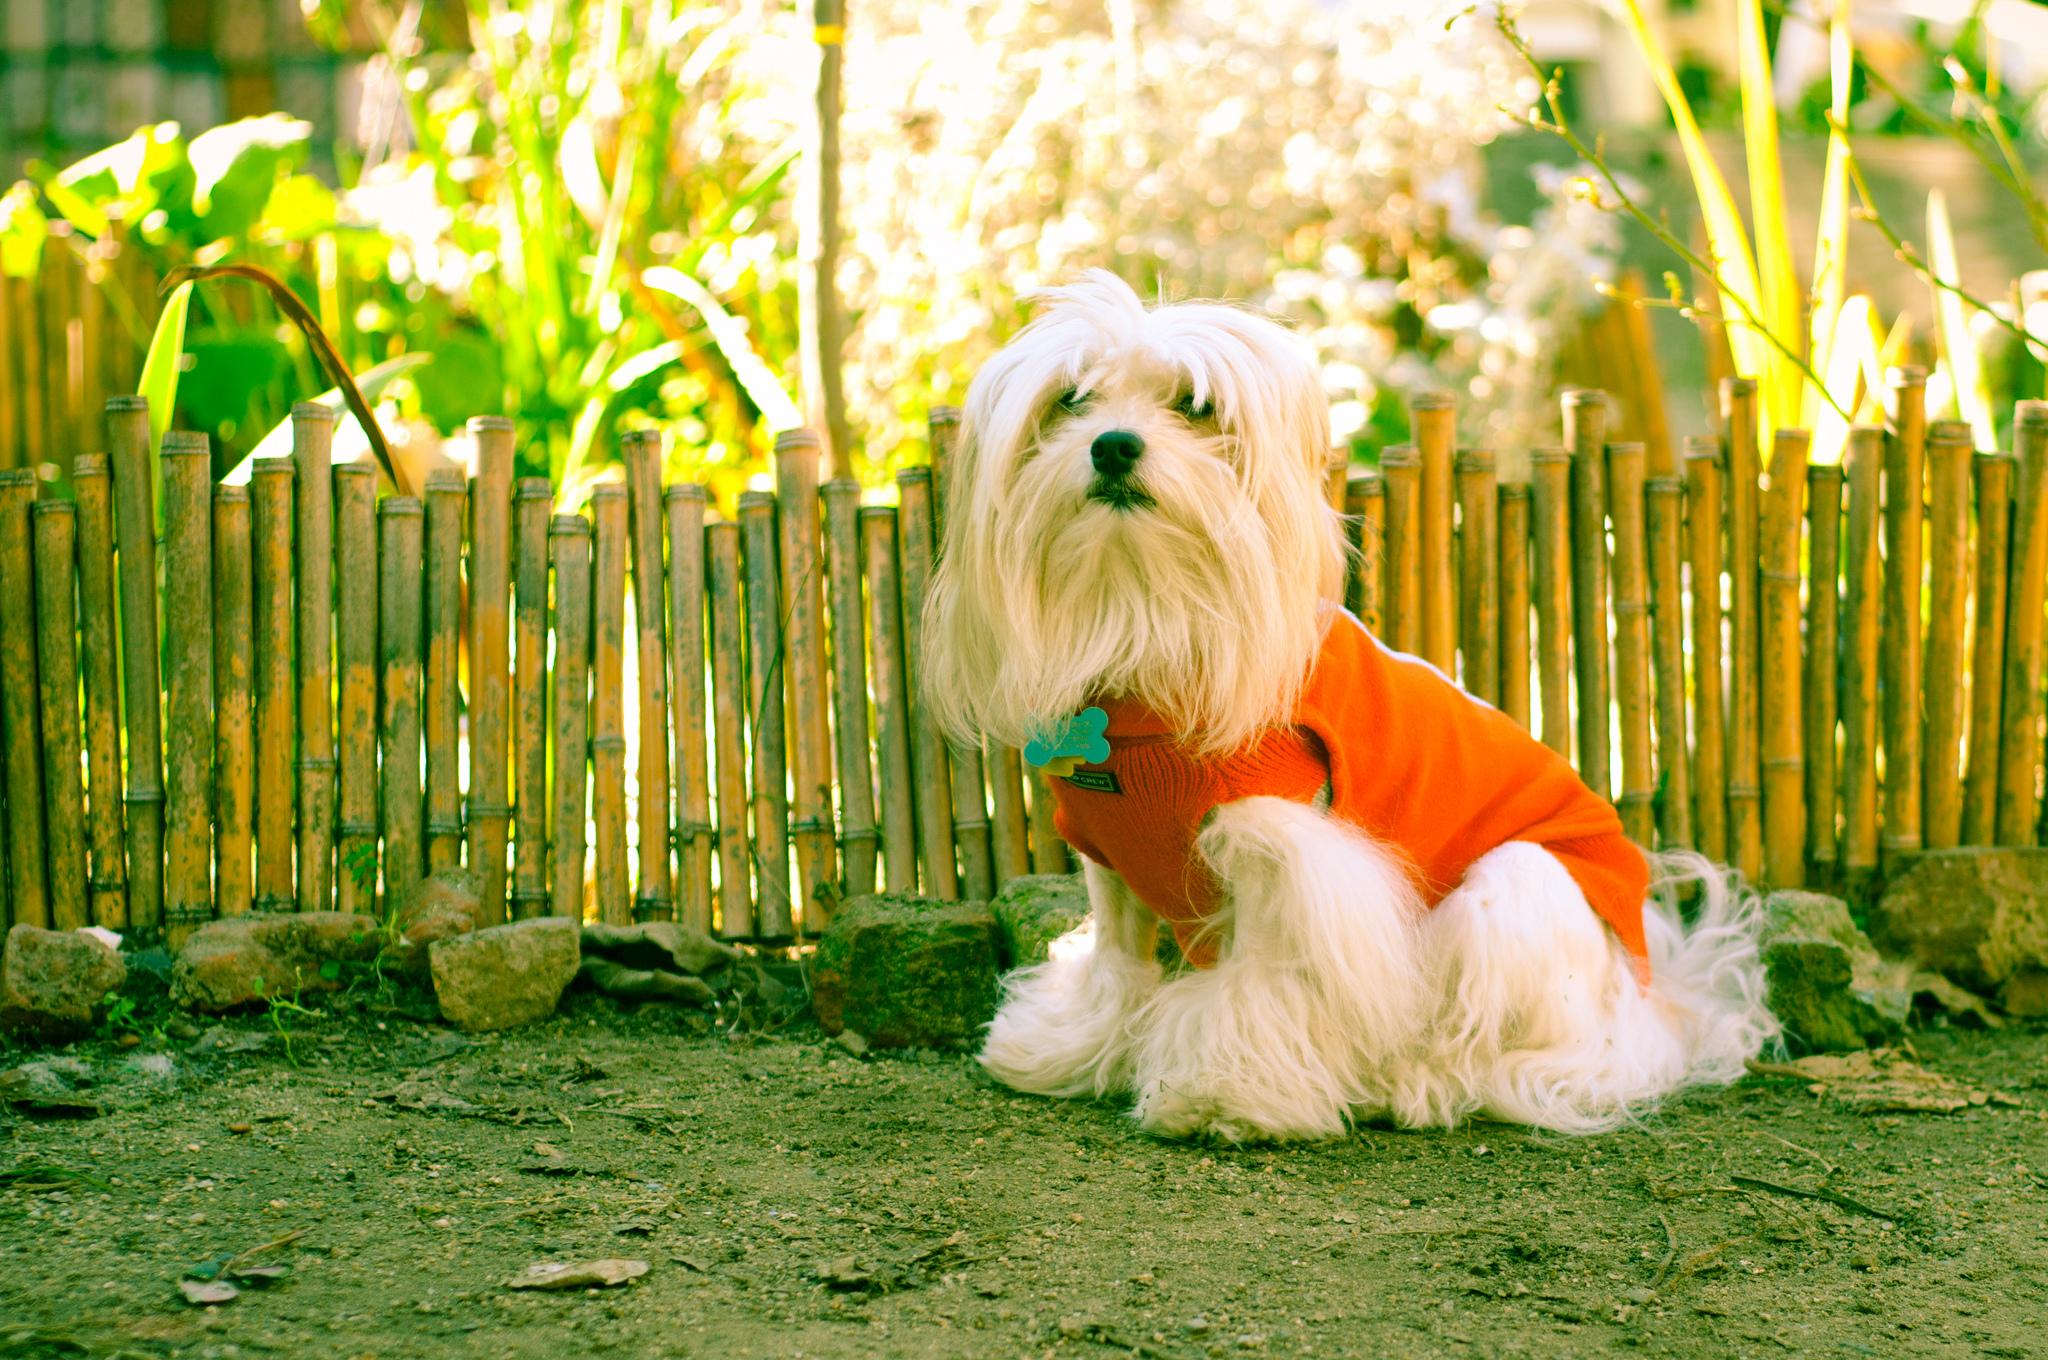 7b197881b2eb Migliori capi di abbigliamento online per cani di tutte le taglie -  AnimaliNet.it